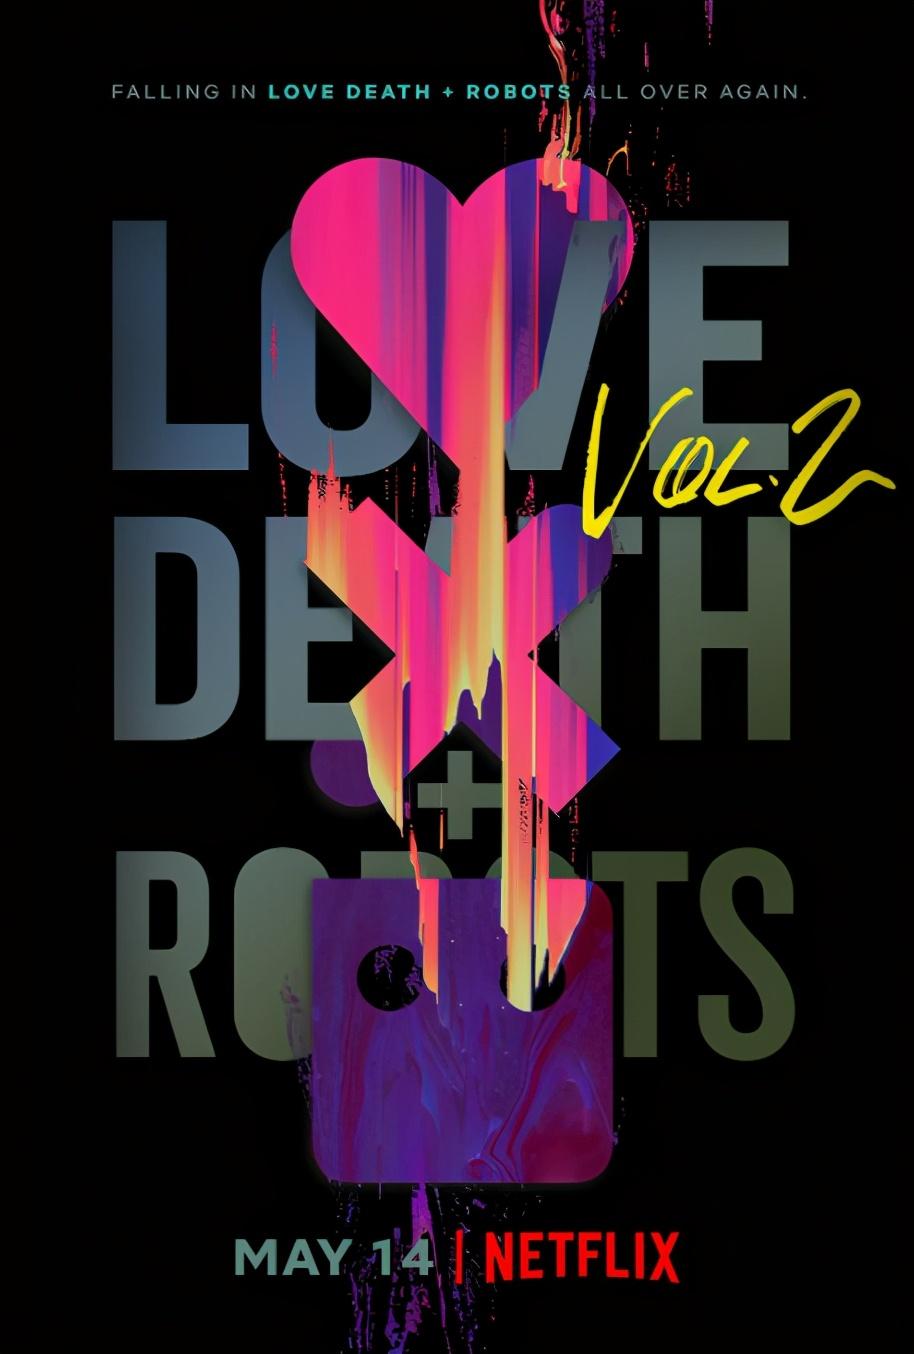 《爱,死亡和机器人 第二季》百度网盘下载